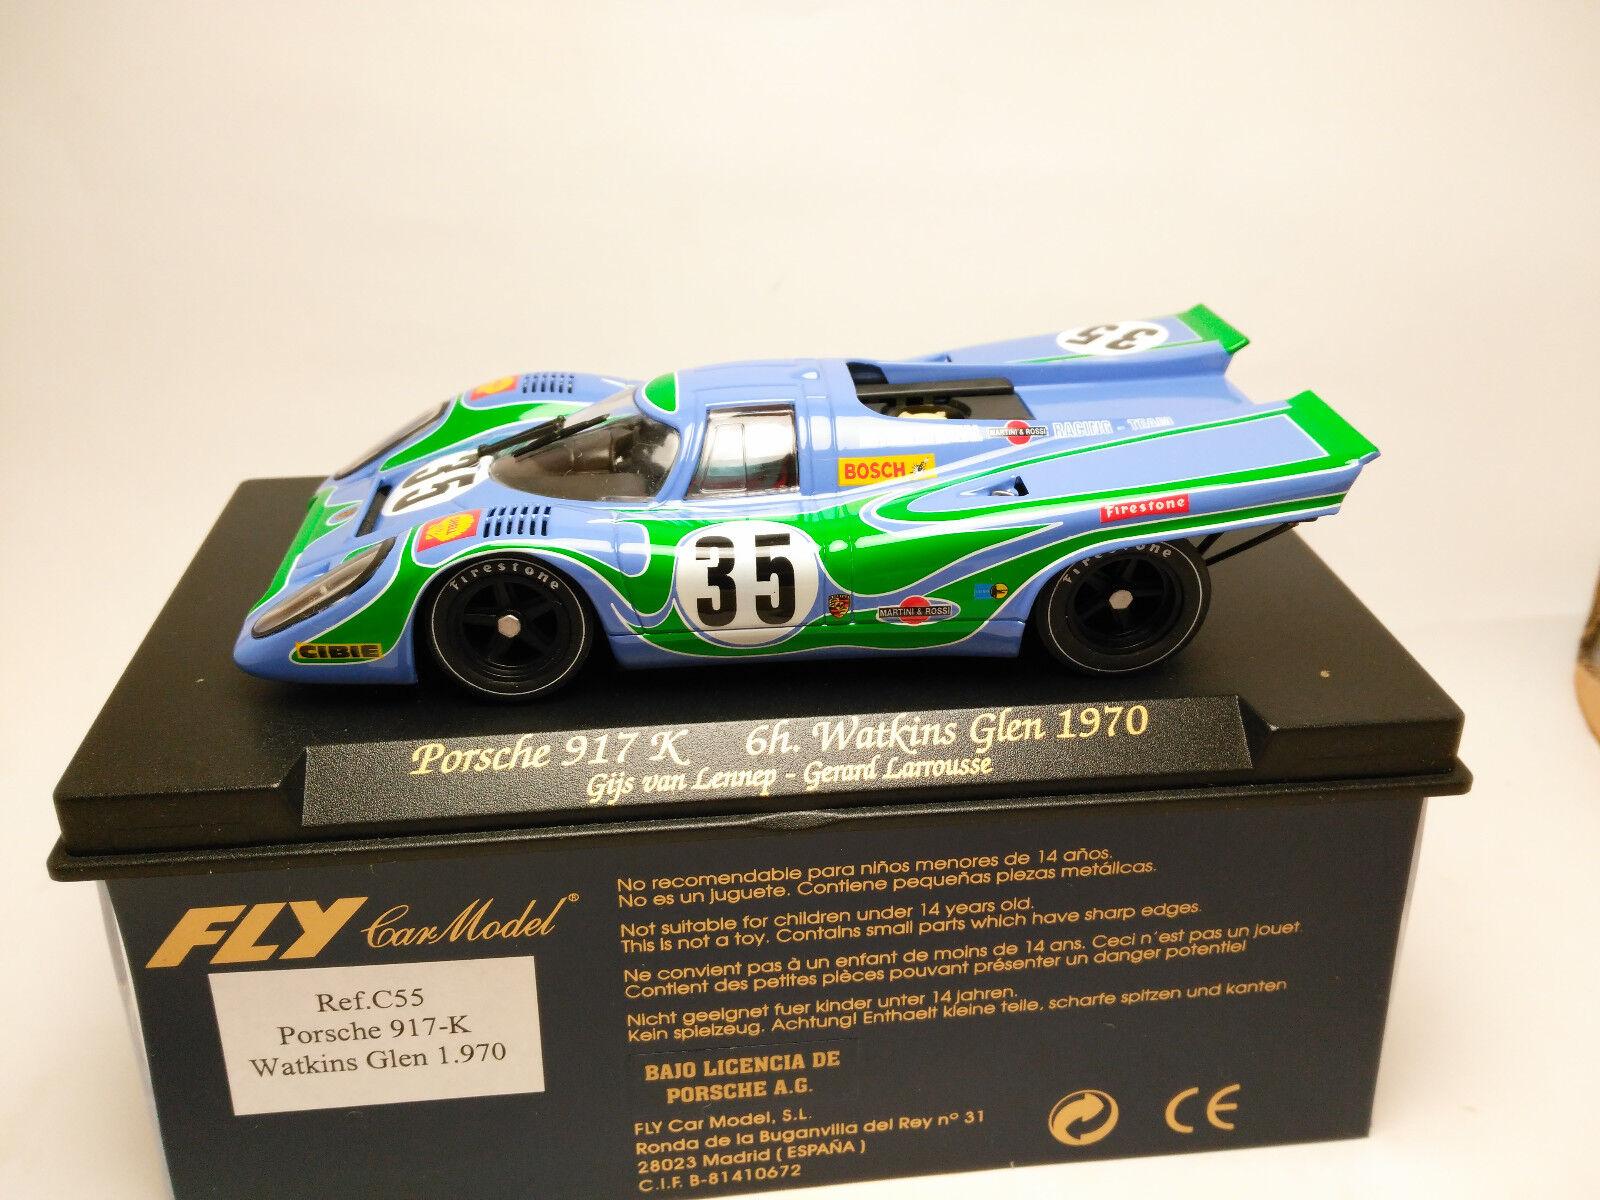 Slot Scalextric Scalextric Scalextric Fly Car Model Porsche 917K 6h Watkins Glen 1970 C55 1/32 b55af7